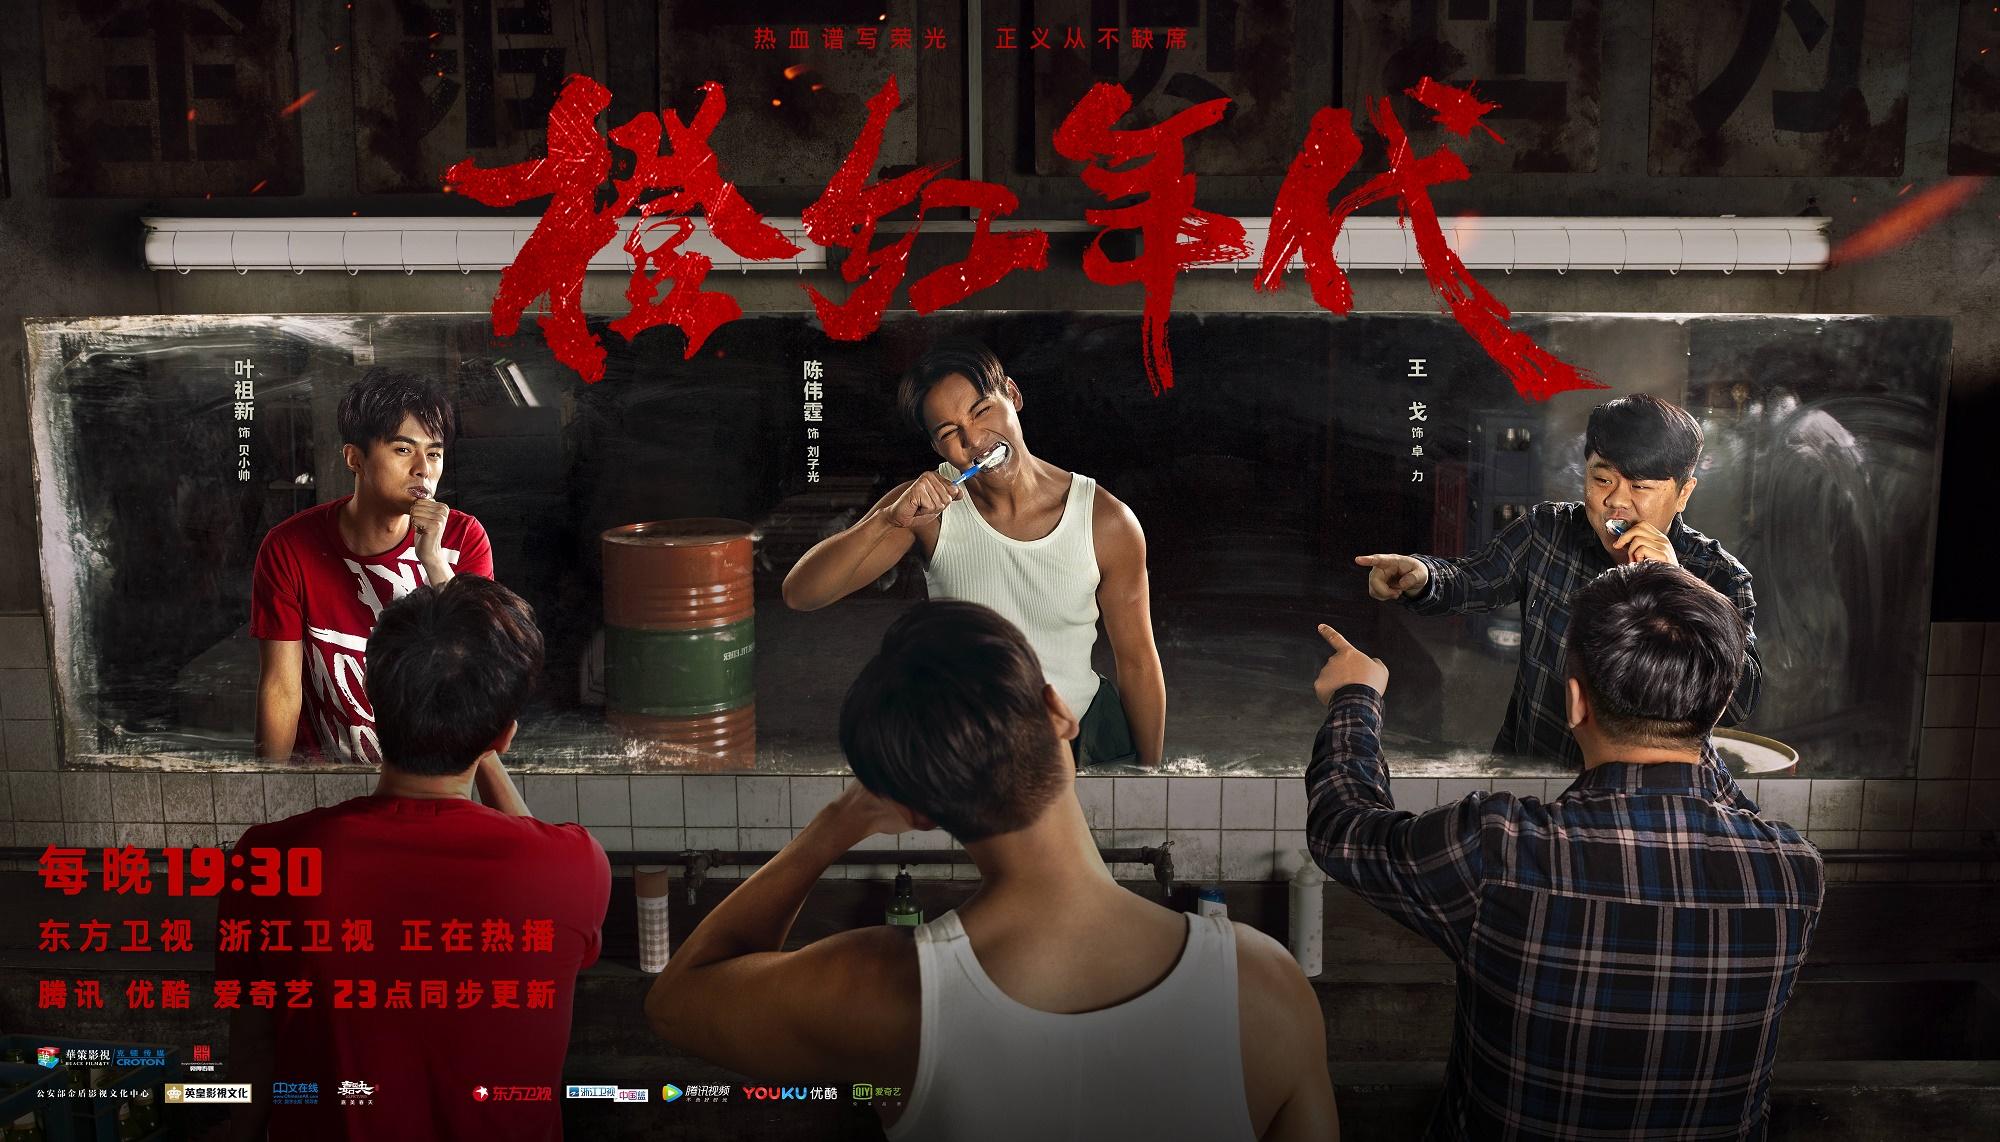 《橙红年代》热播 陈伟霆带领兄弟们堂堂正正做人